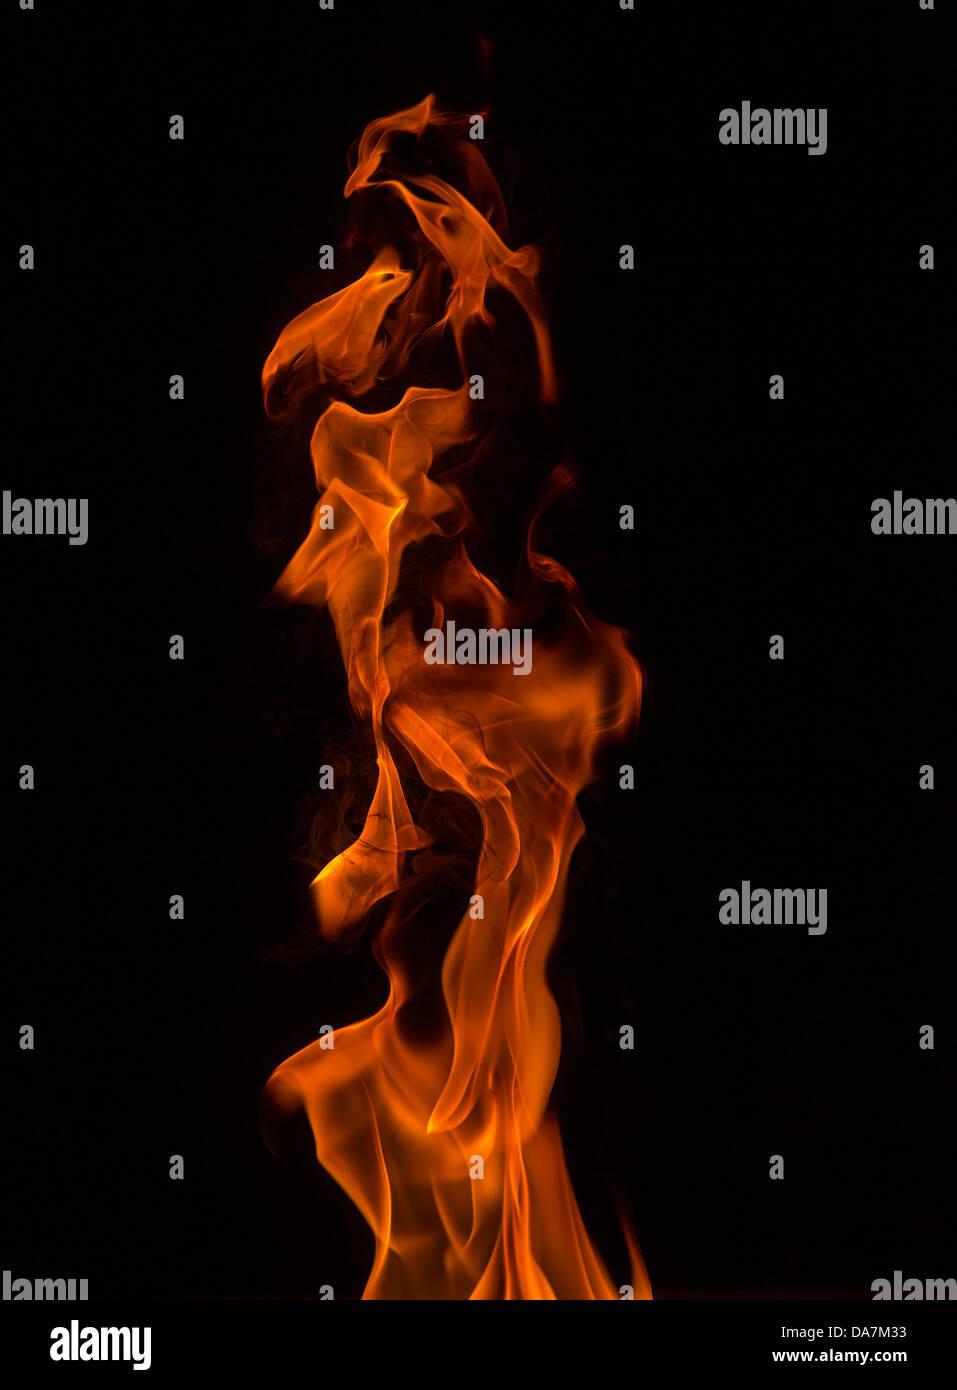 Fiamma aperta fare strane forme mentre bruciare il carburante Immagini Stock